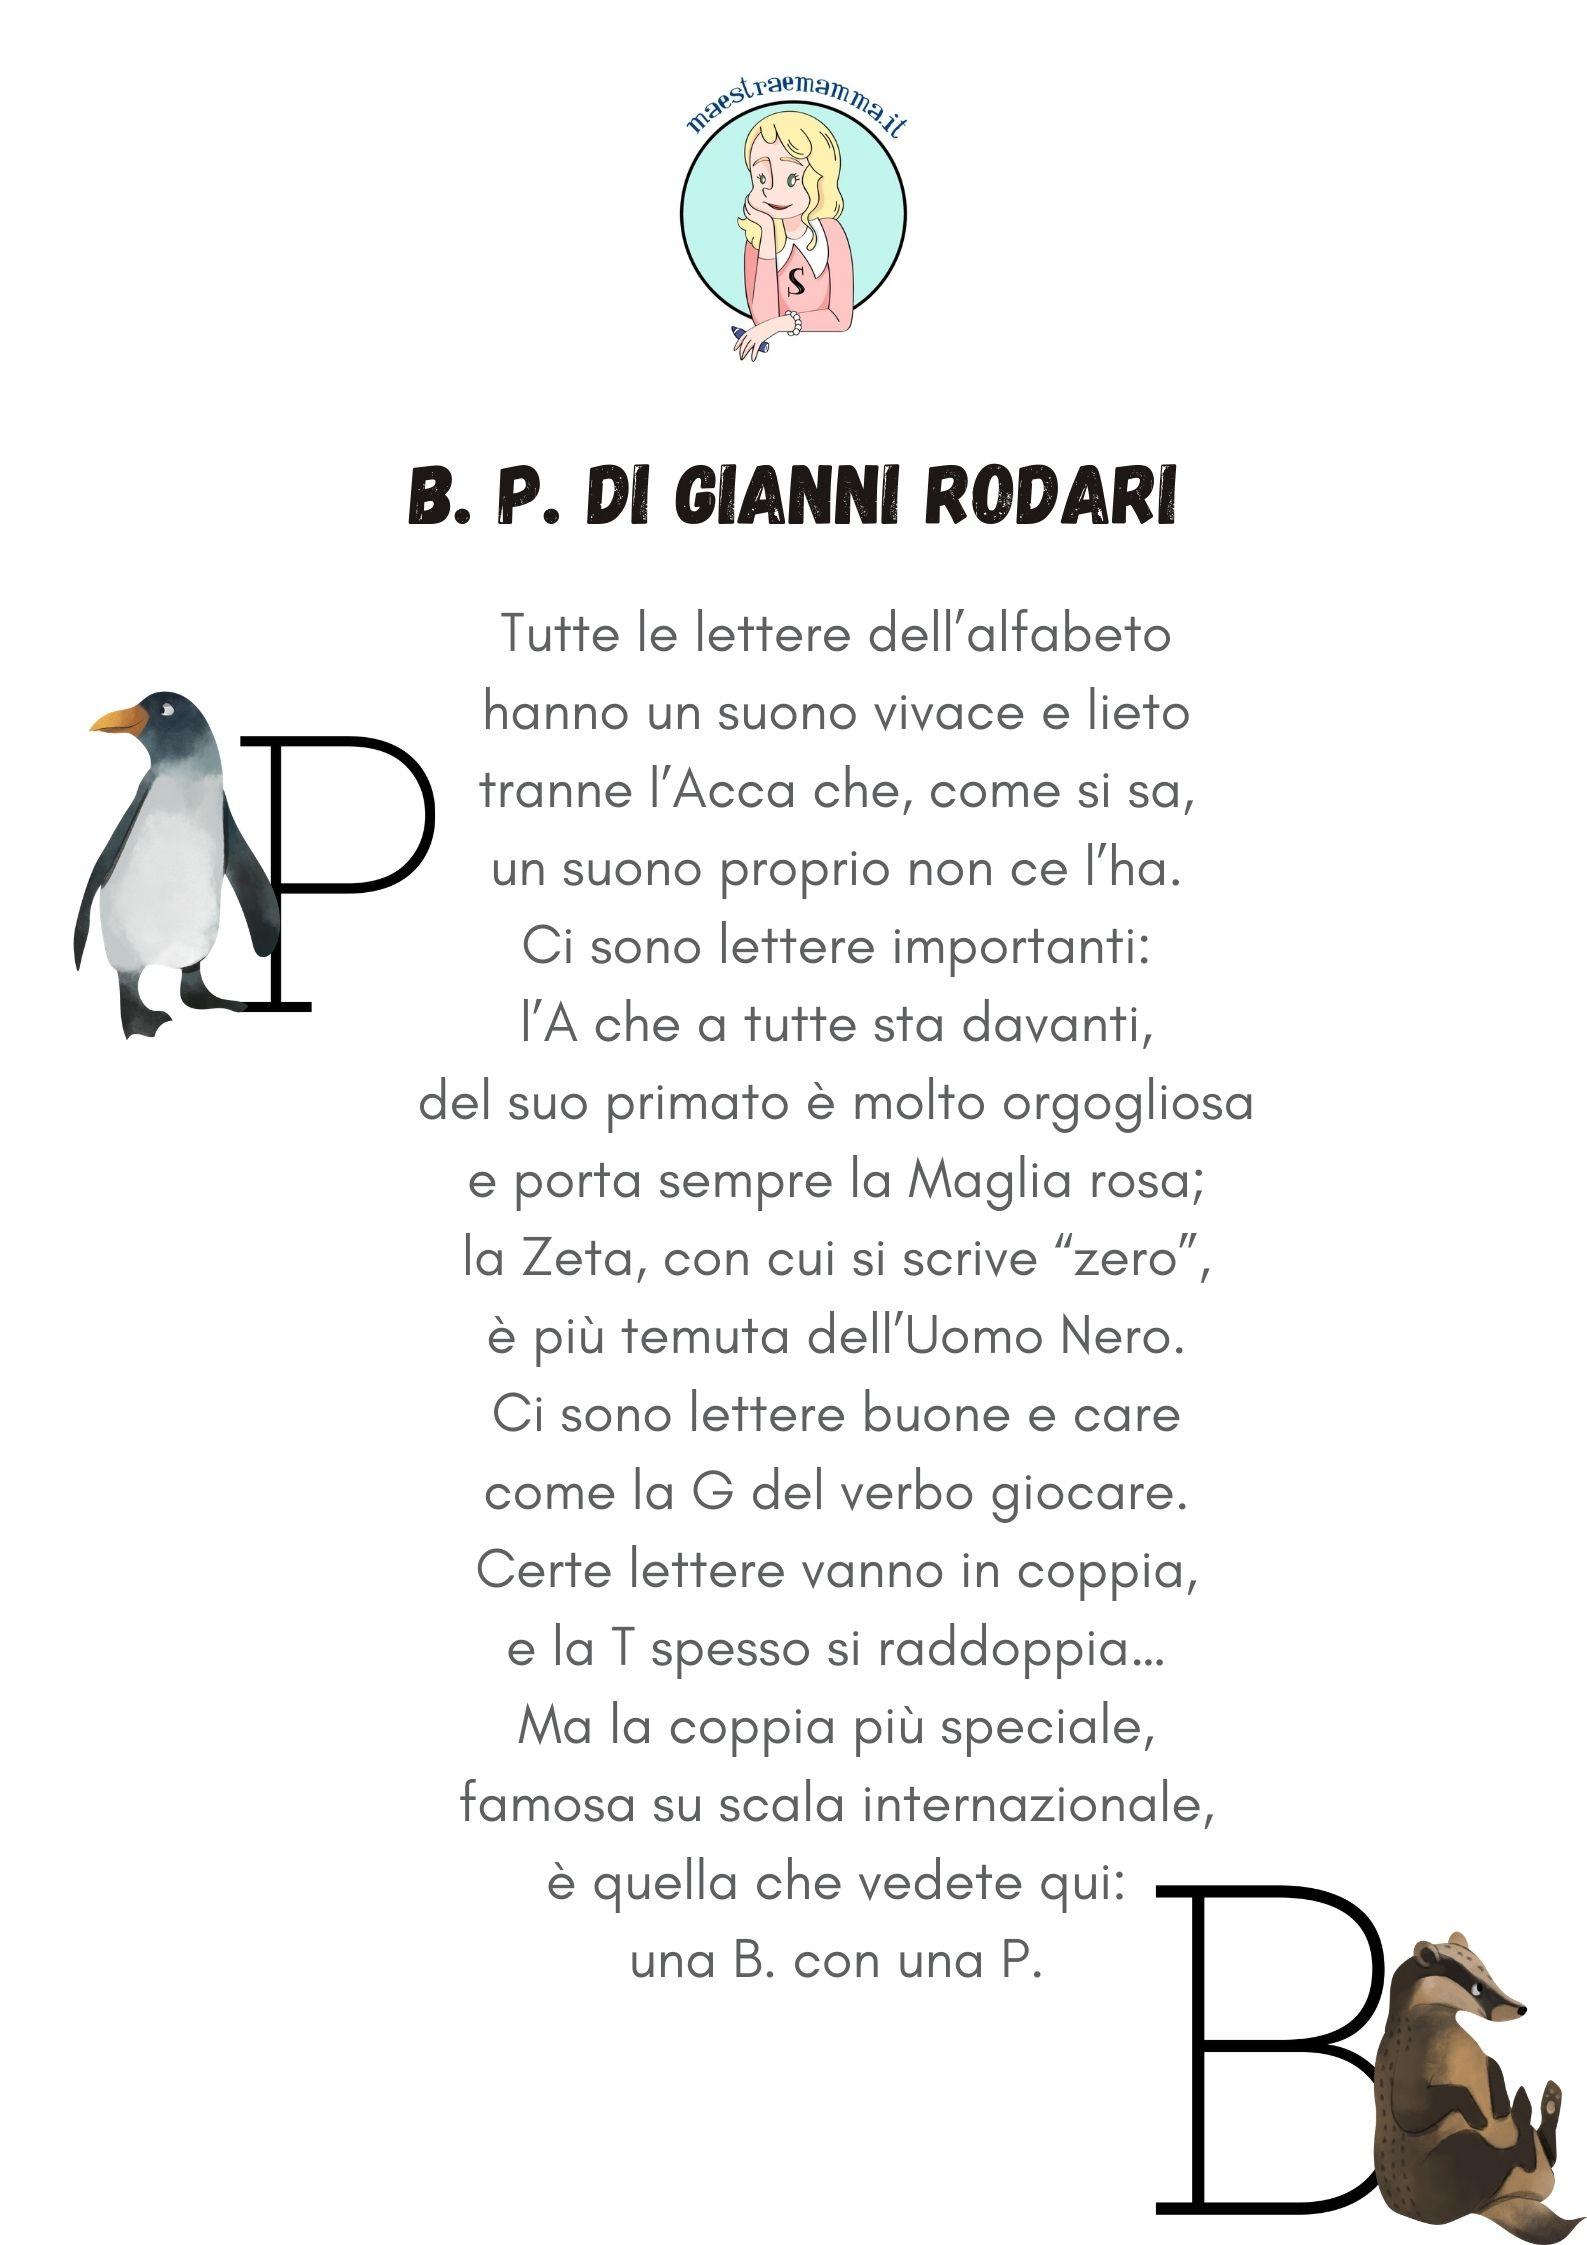 b p di gianni rodari filastrocca alfabeto